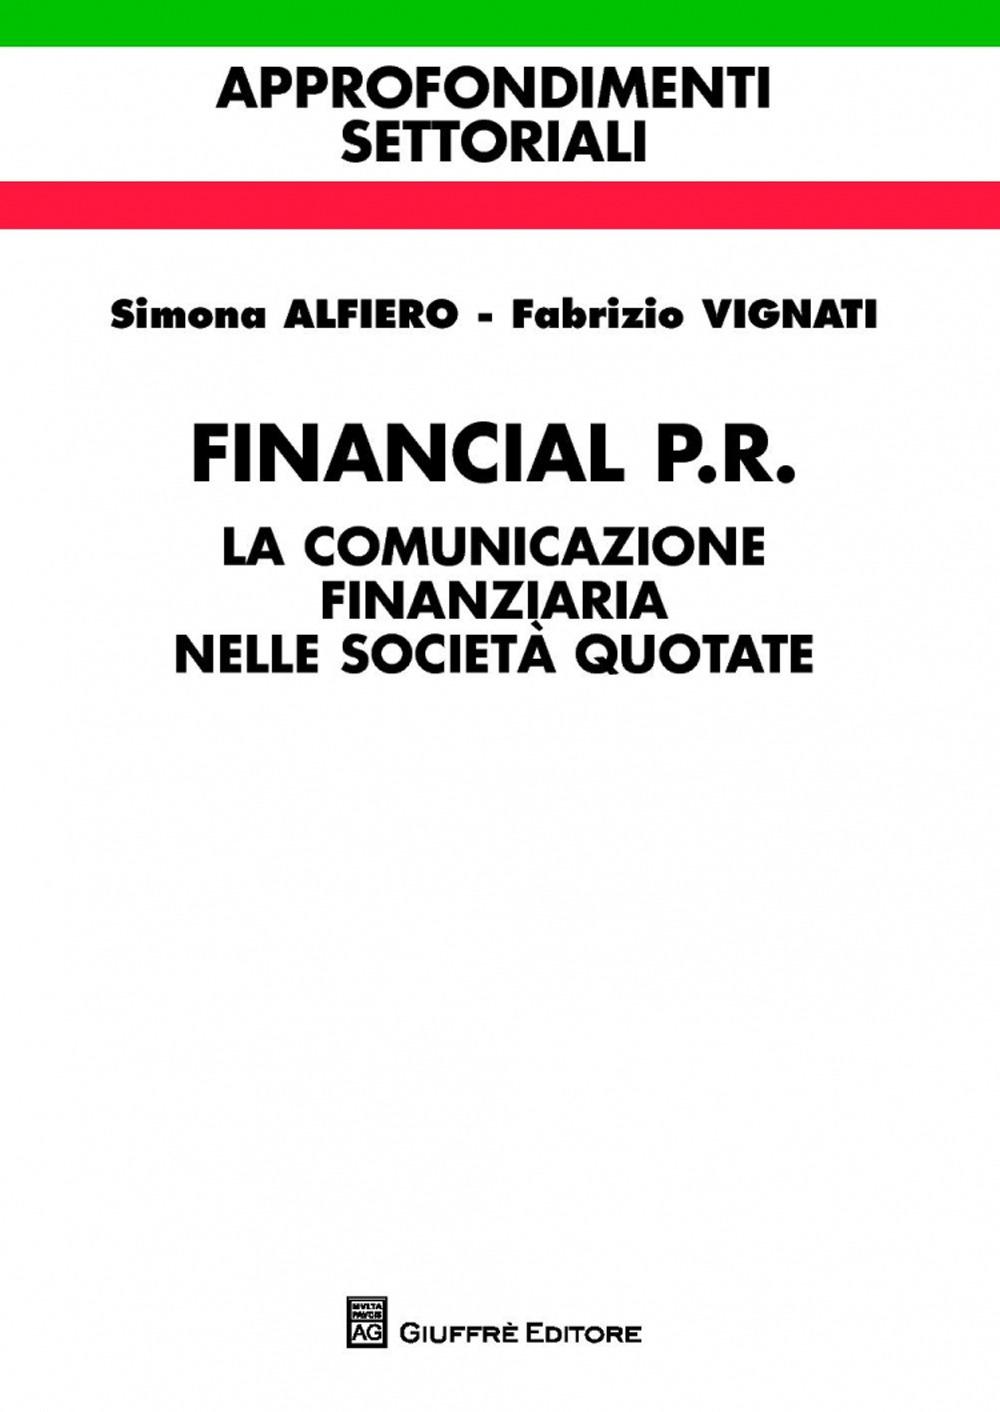 Financial P.R. La comunicazione finanziaria nelle società quotate